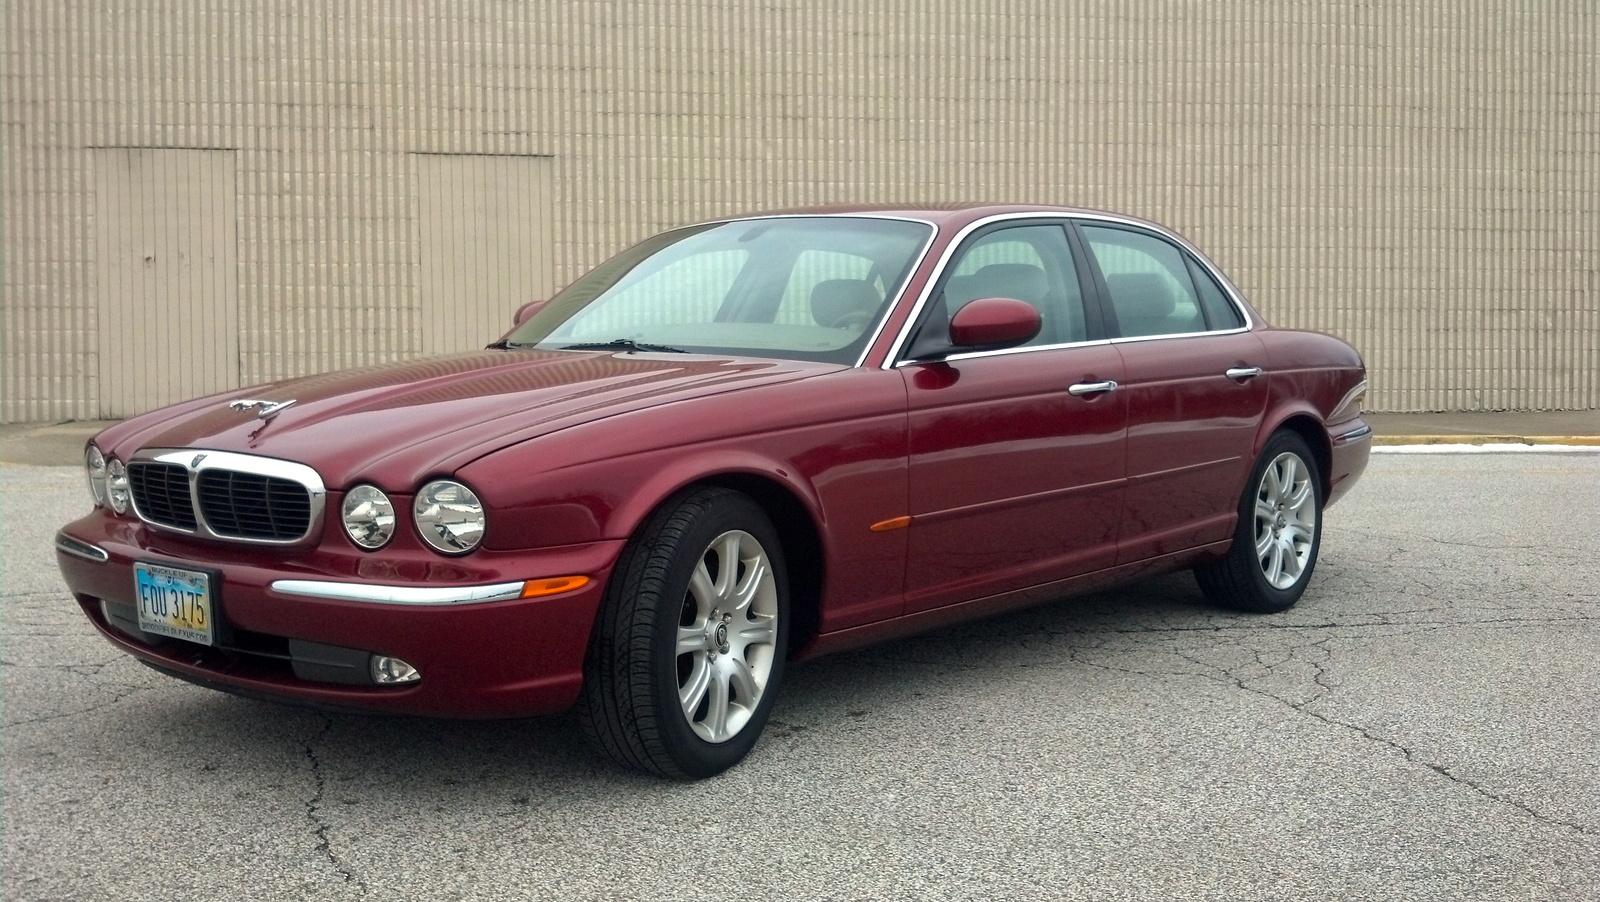 2004 Jaguar Xj Series Pictures Cargurus